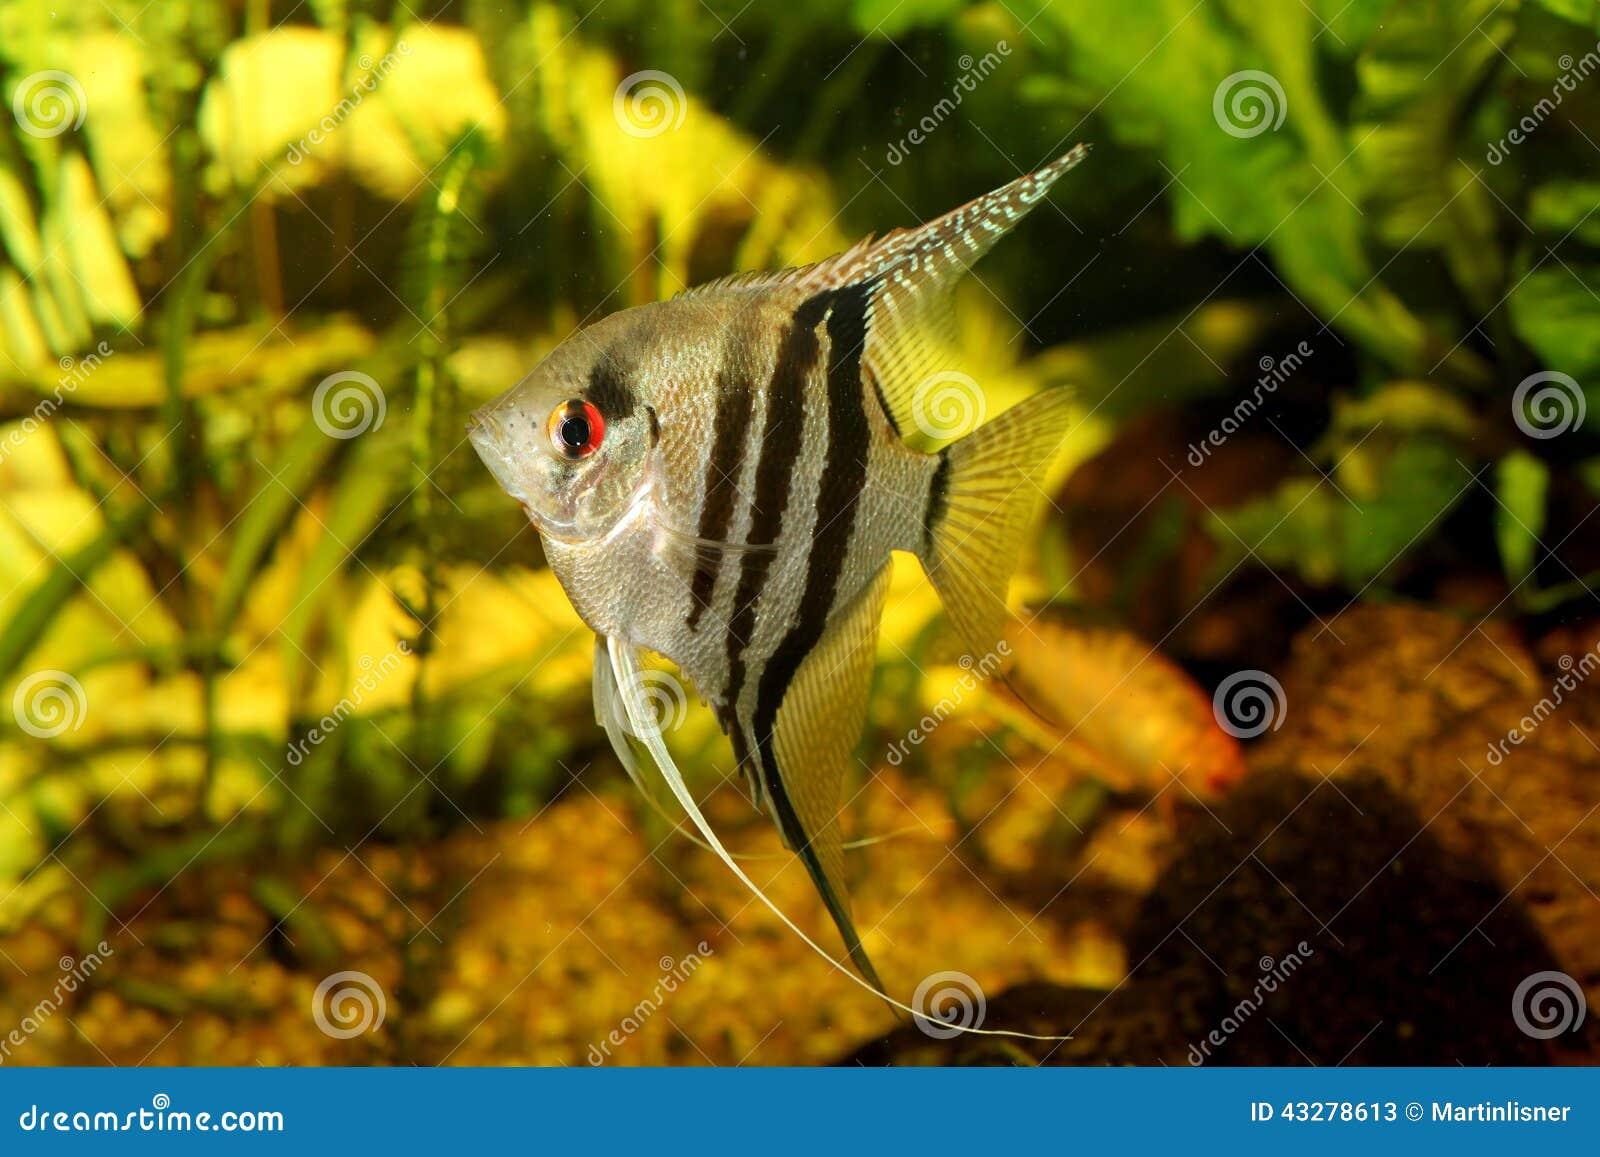 Un bello acquario d 39 acqua dolce tropicale piantato verde for Arredamento acquario dolce